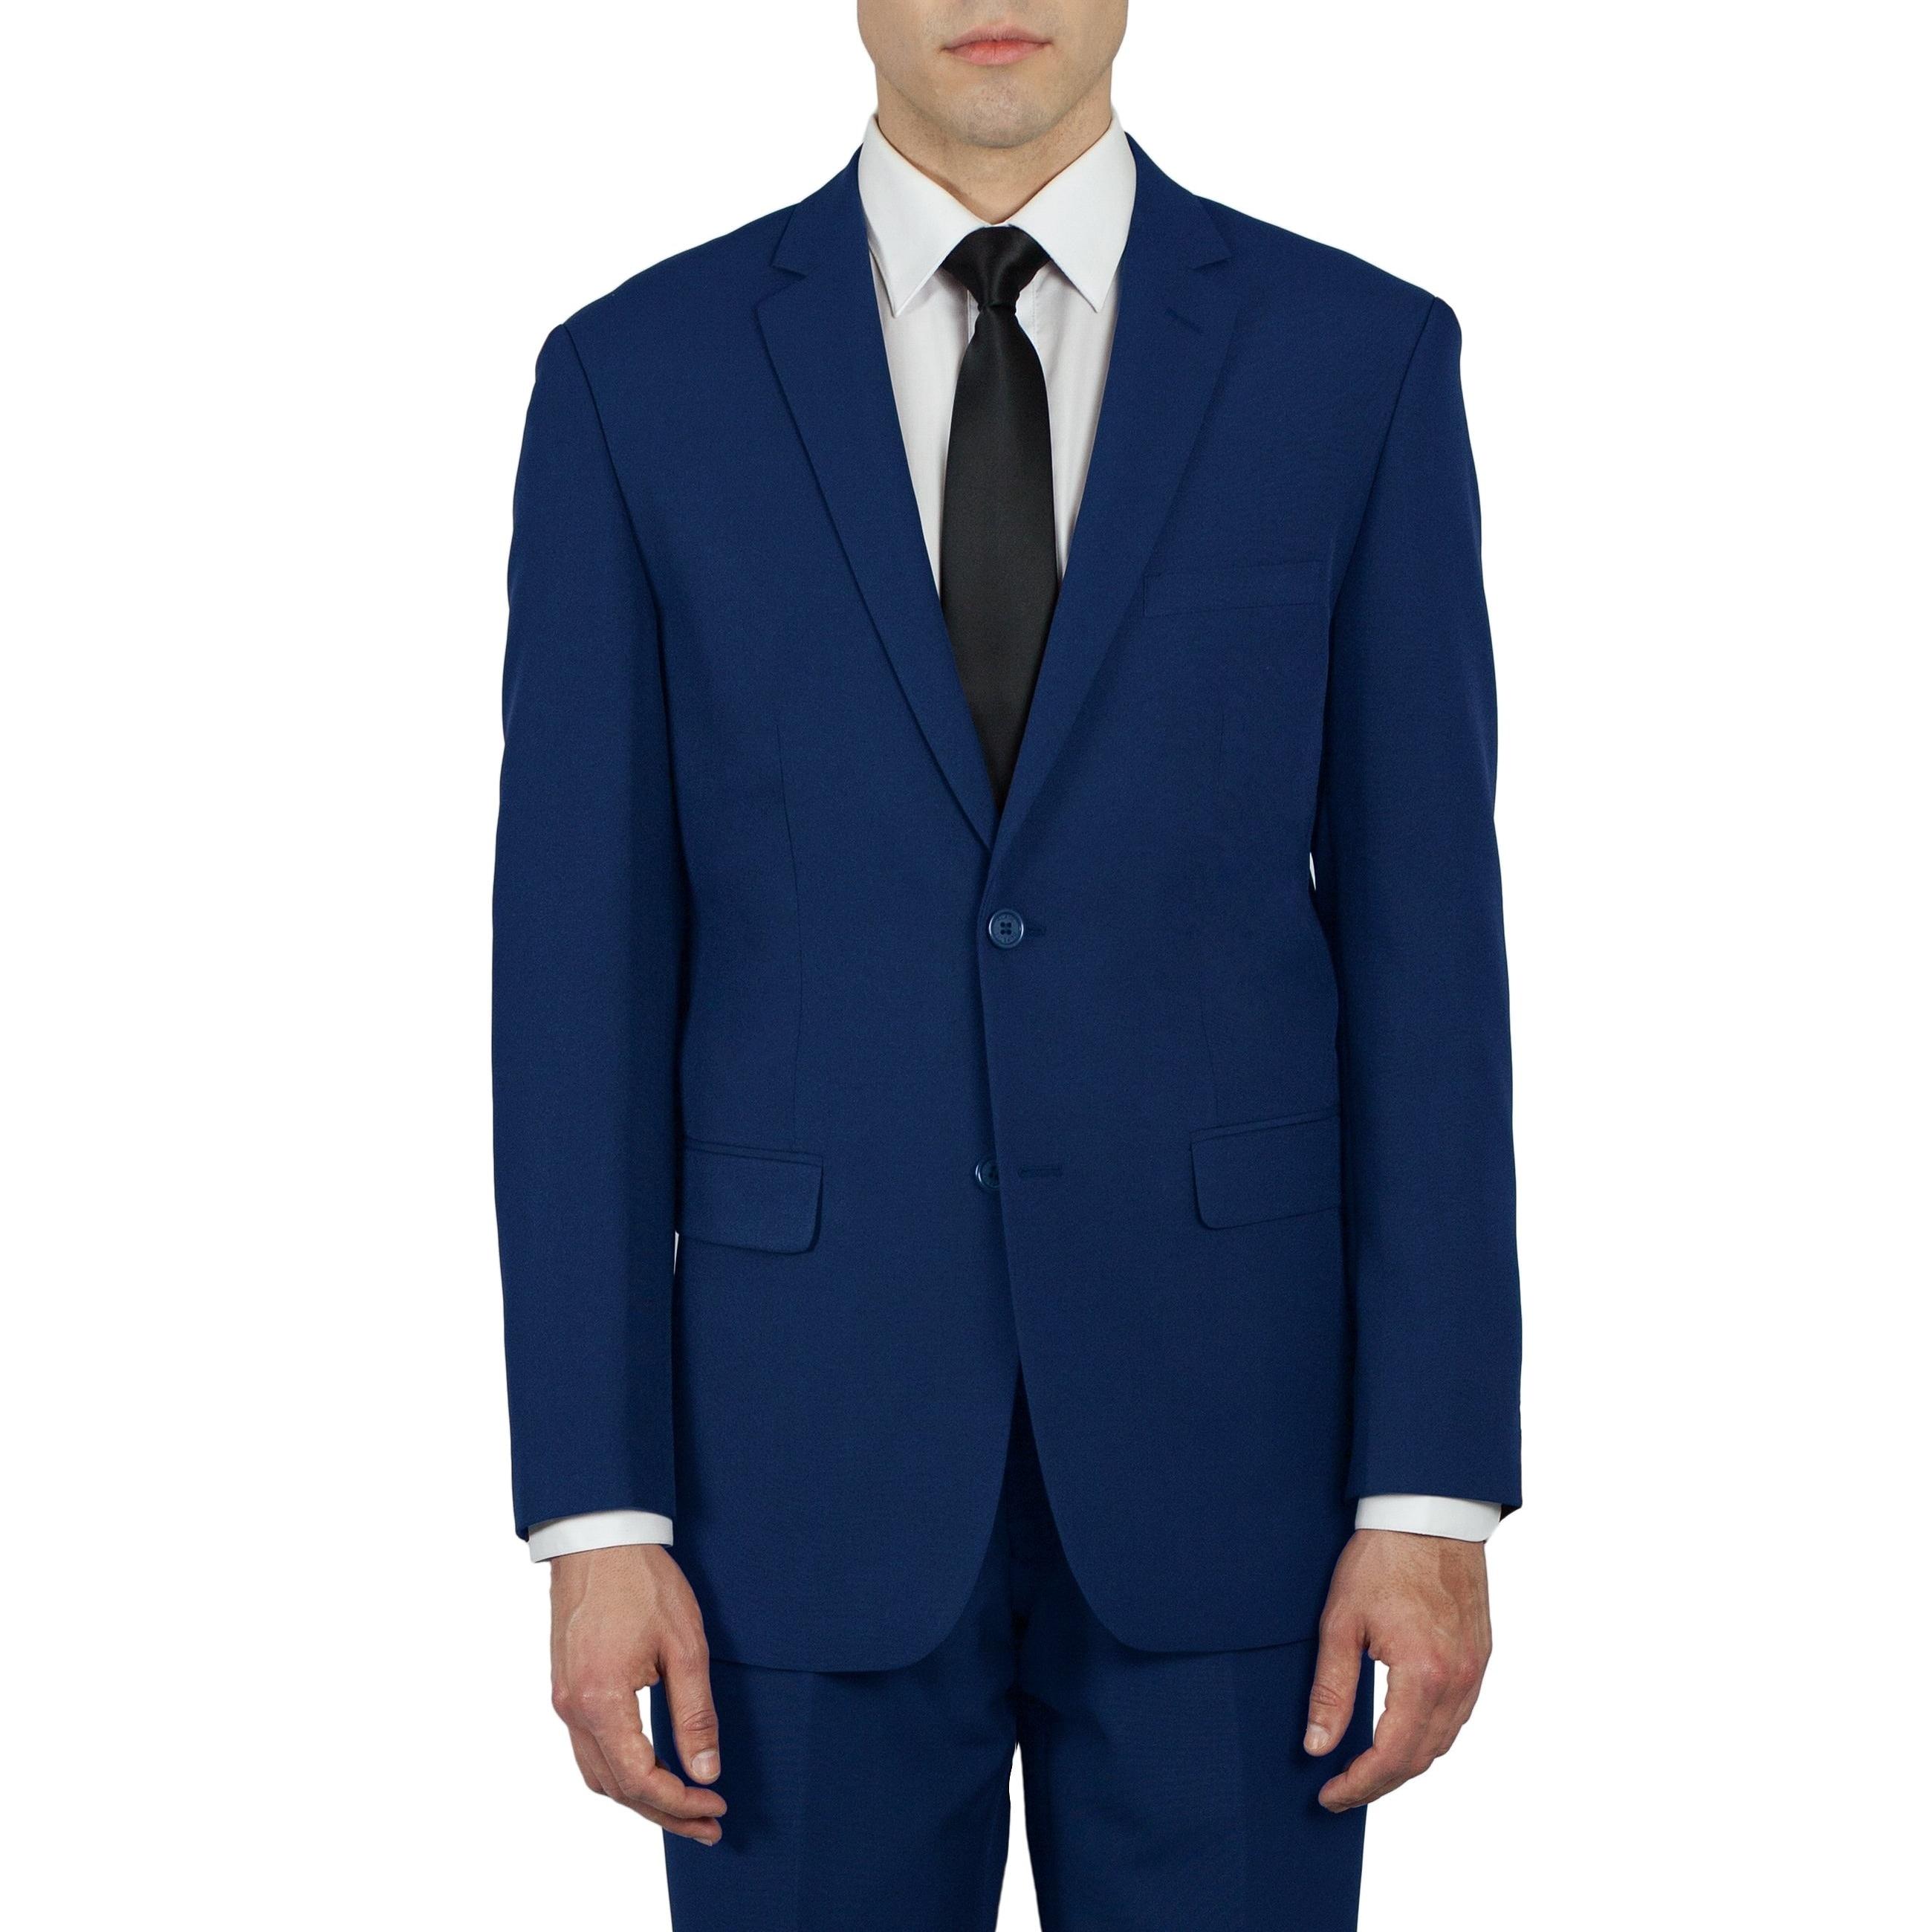 25 Dollar Men's Suits